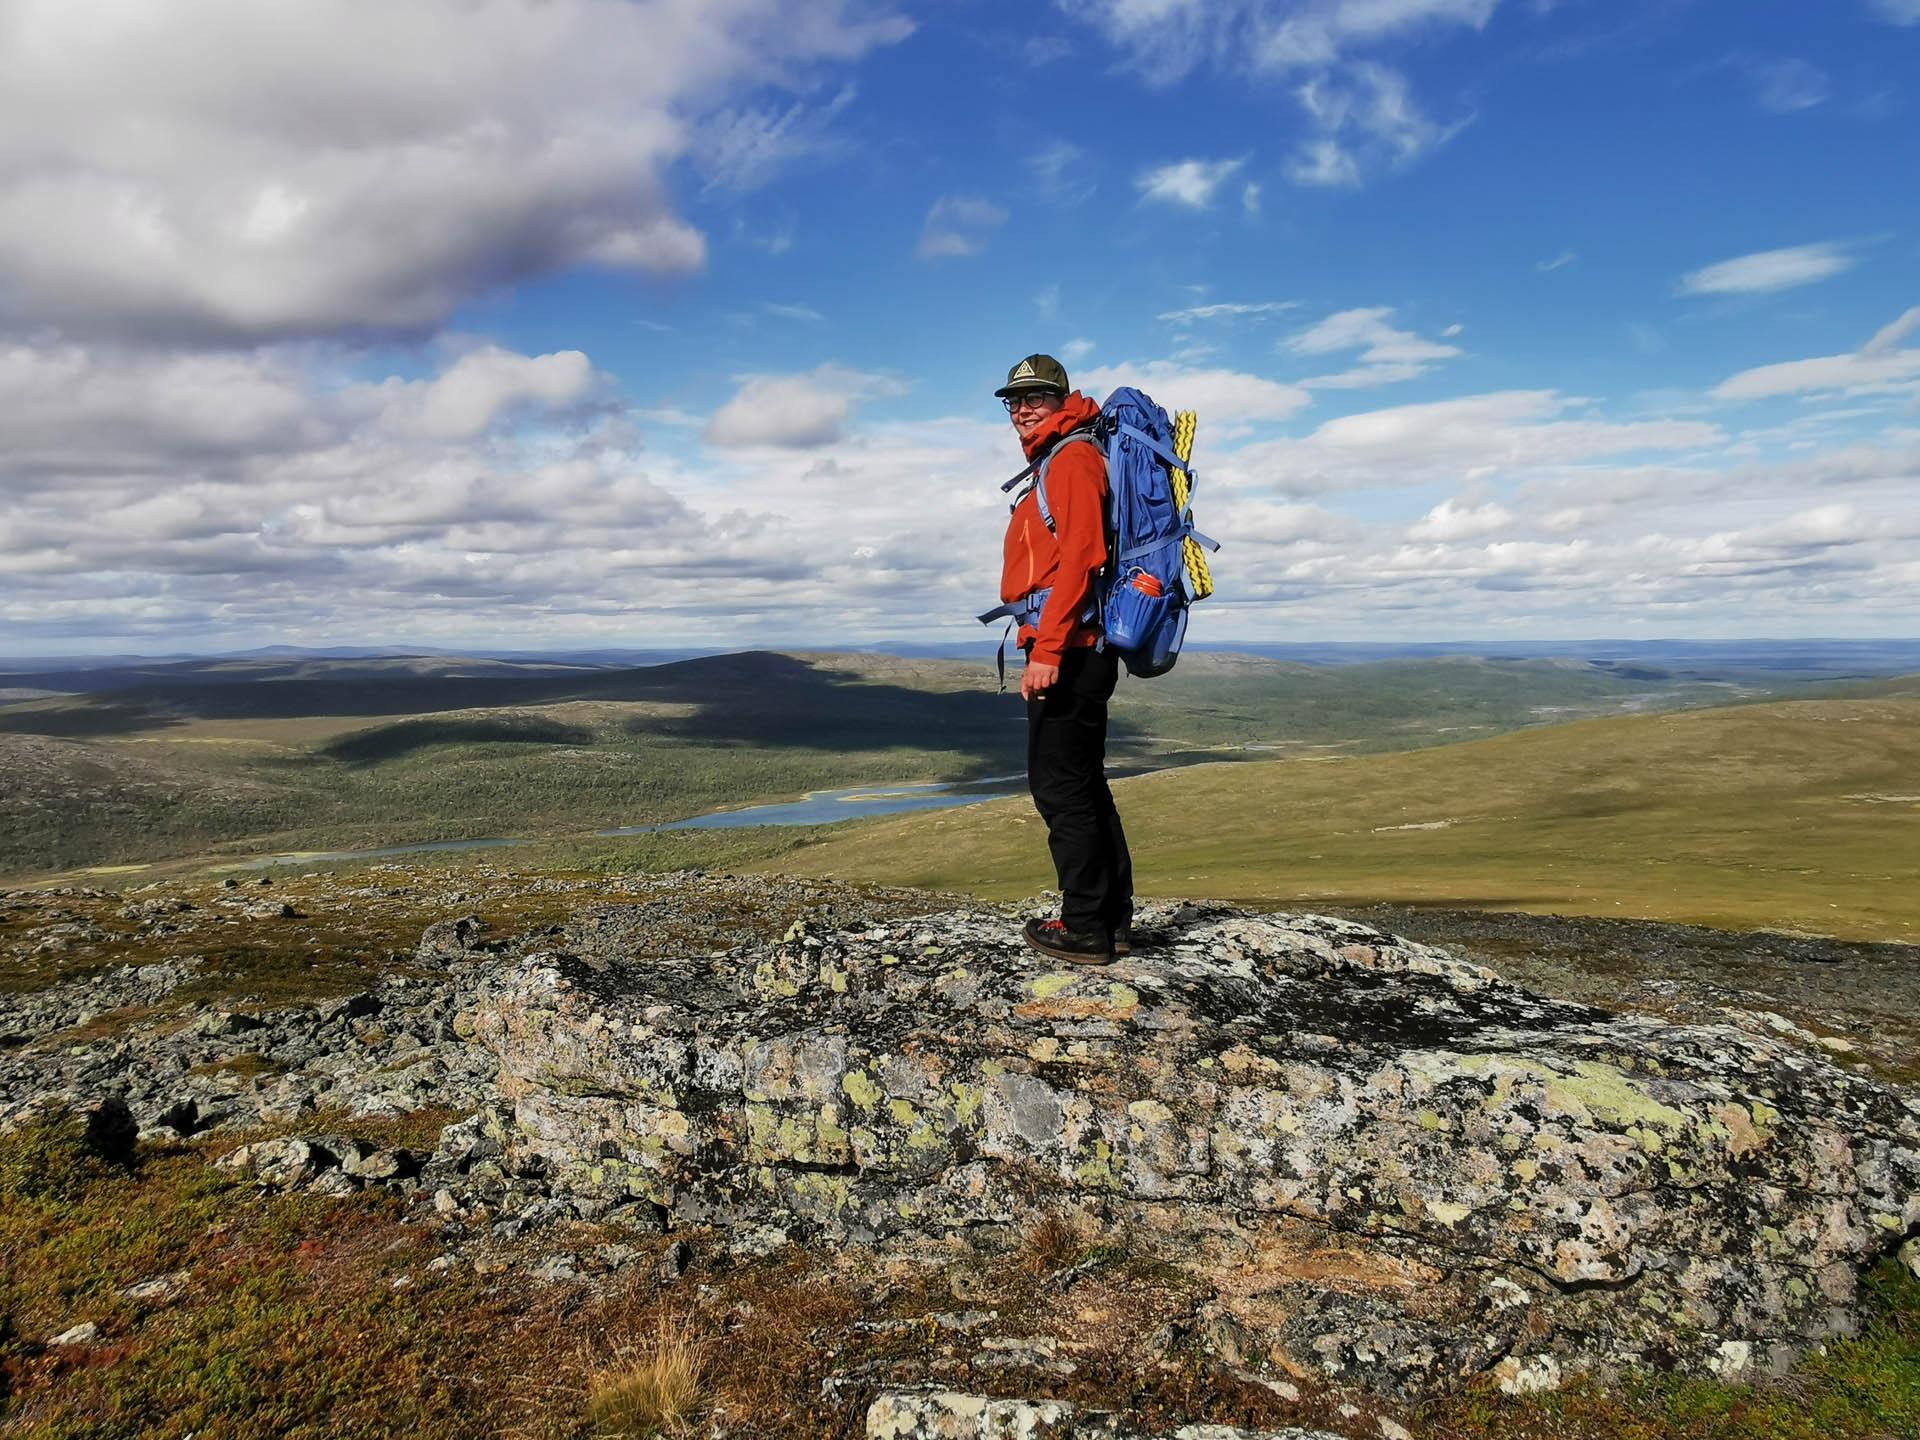 Vastuullisen retkeilyn puolesta puhuvan Minna Jakosuon ja hänen miehensä Vesan Erätaival-yritys tuottaa luontoelämyksiä ja ylläpitää kesäisin Heretyn kämppäkahvilaa Isojärven kansallispuistossa.